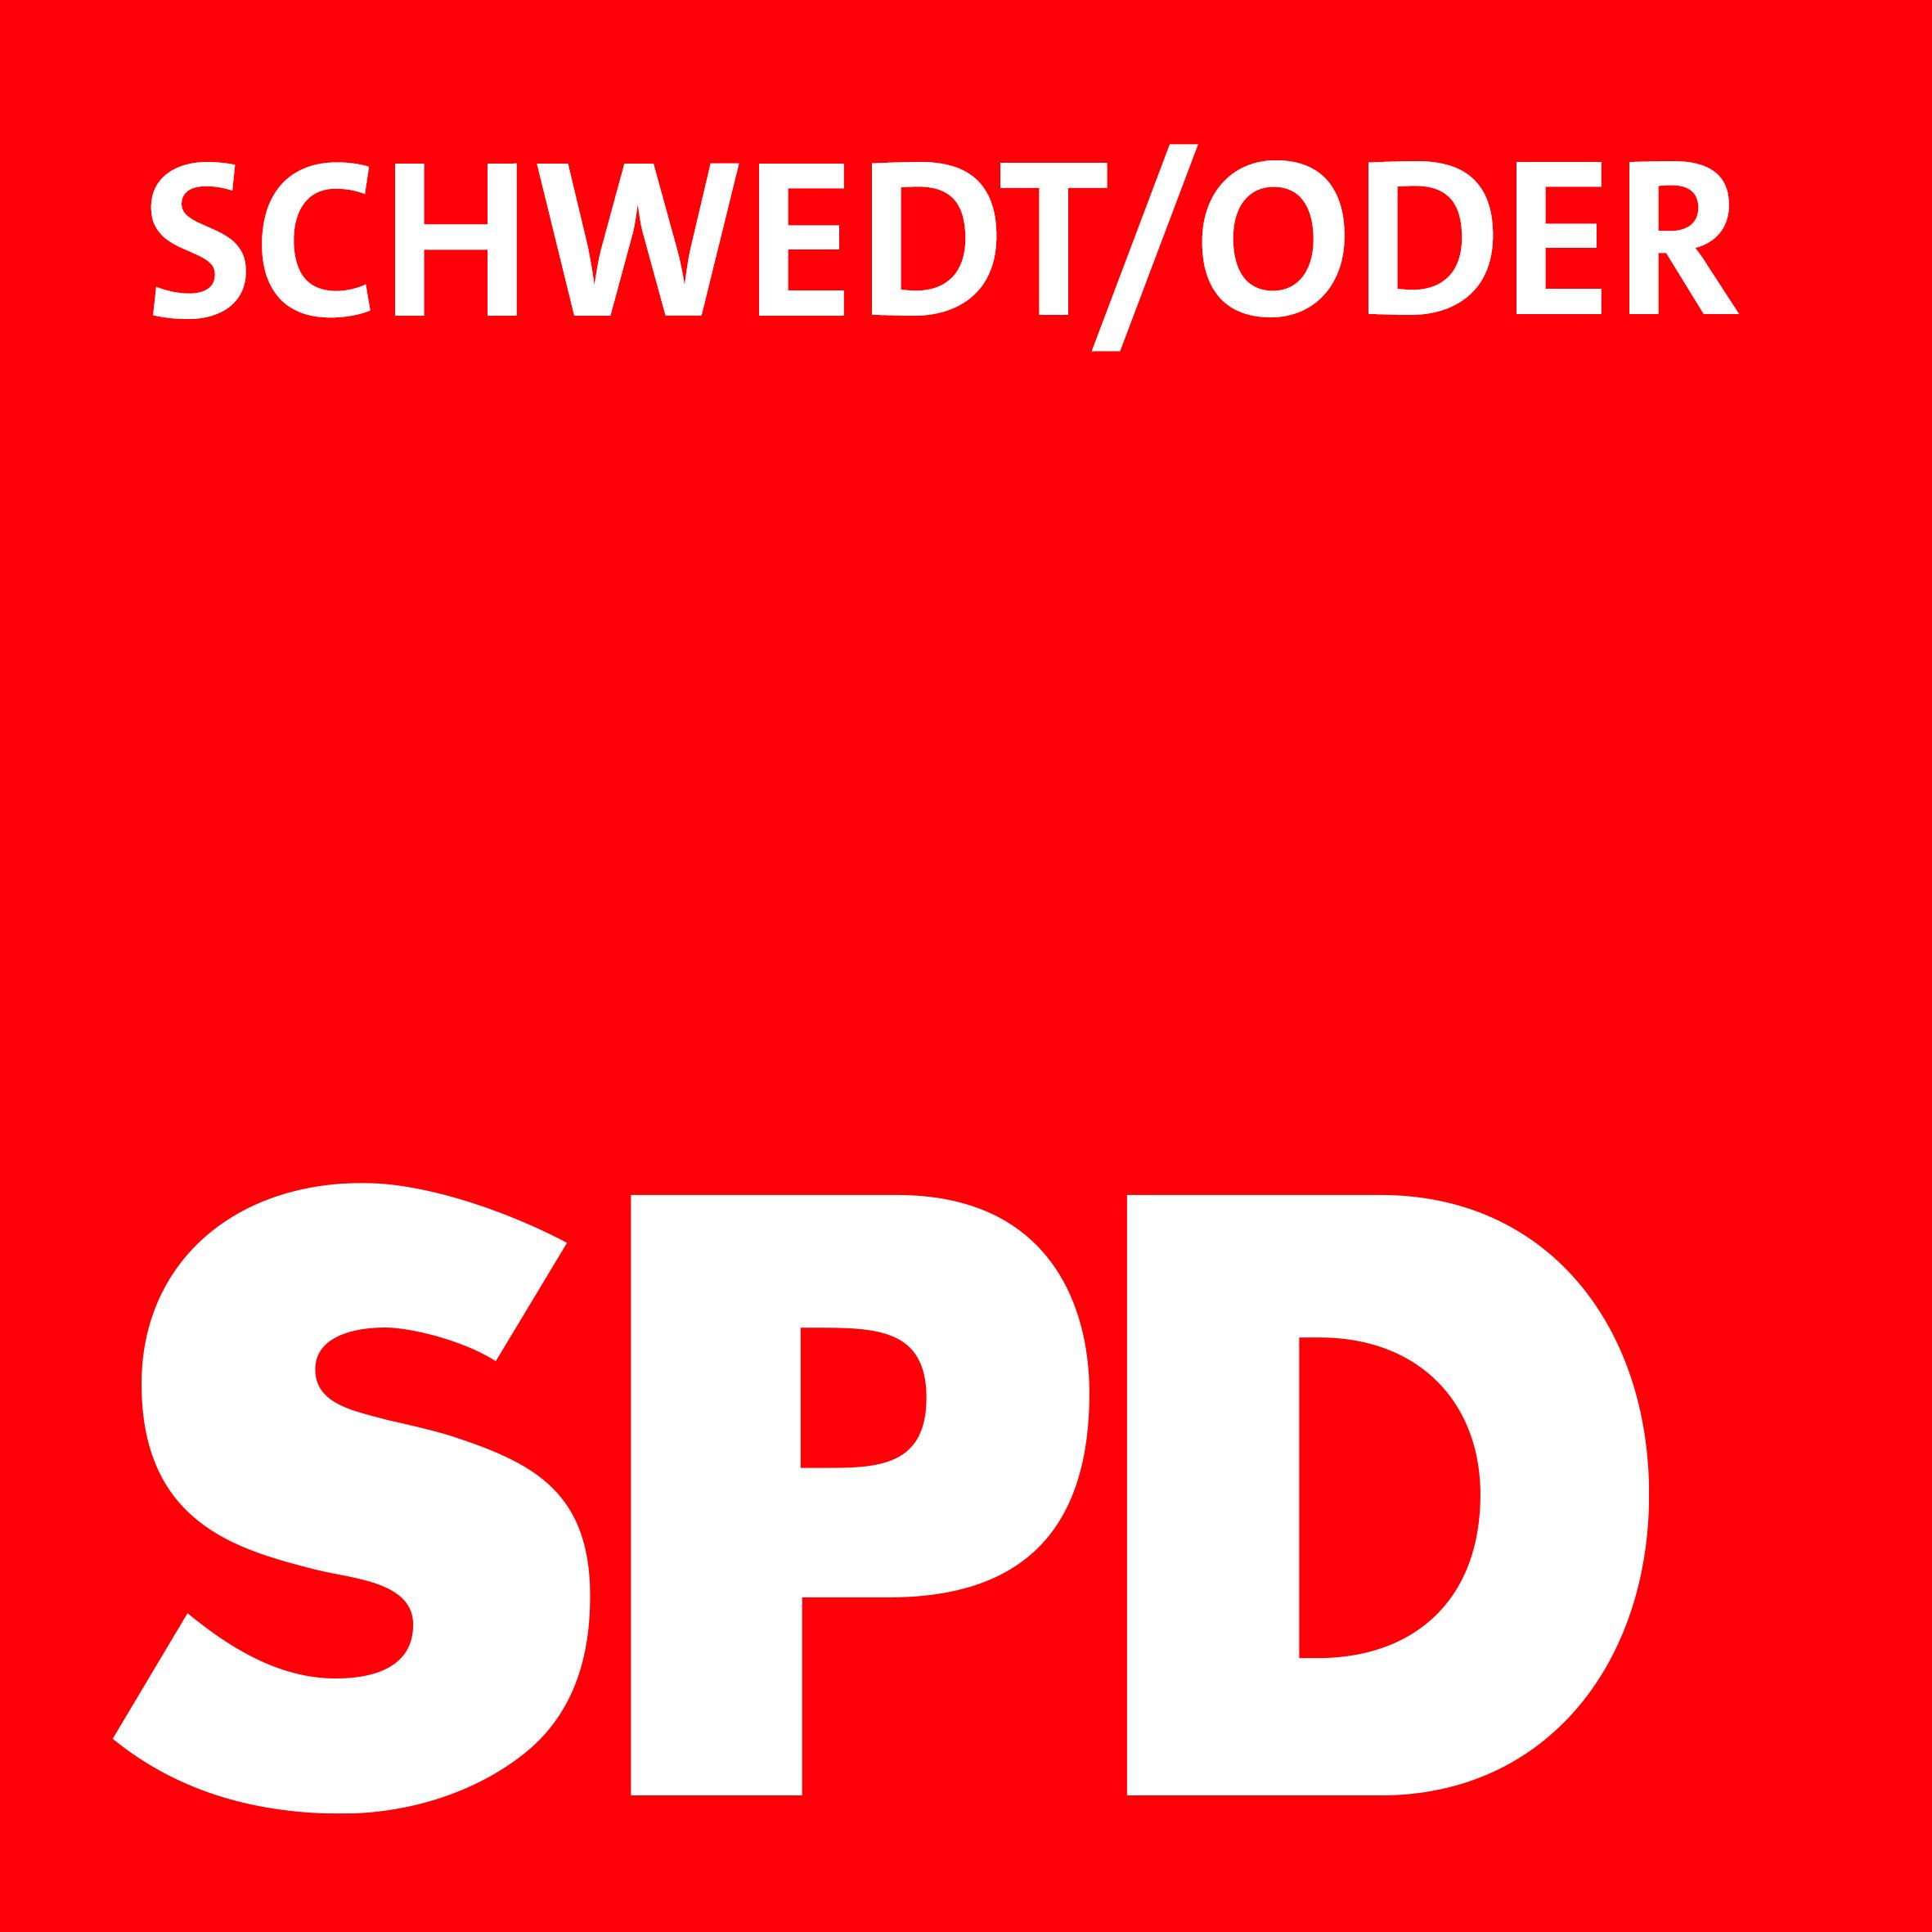 SPD Schwedt/Oder